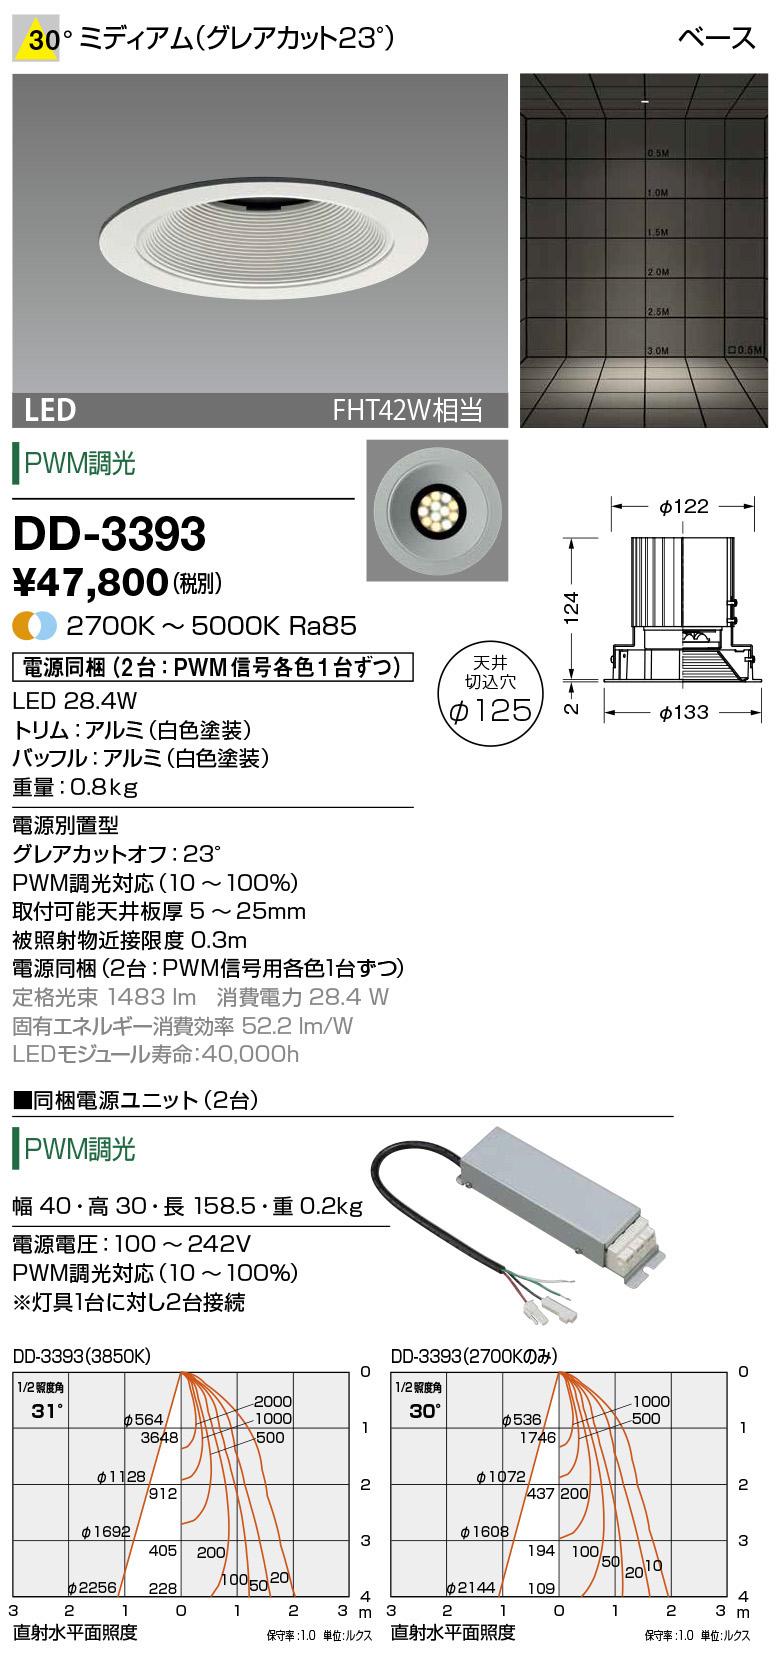 山田照明 照明器具LED一体型ダウンライト モルフシリーズ ベースタイプ調色調光タイプ FHT42W相当DD-3393